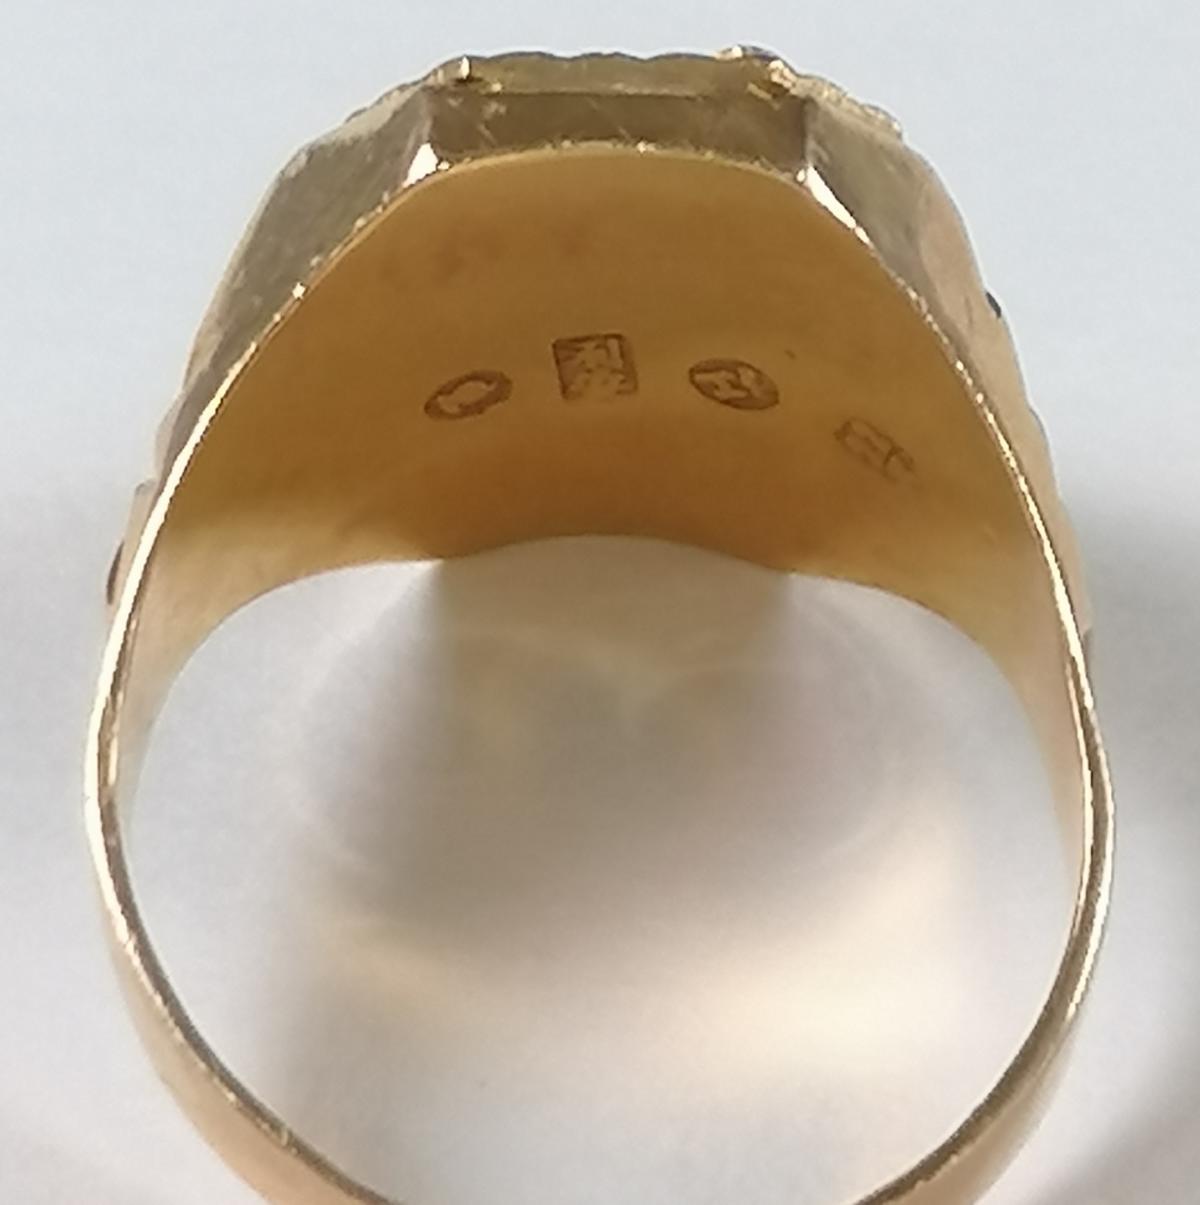 22 Karat Gelbgold-Siegelring mit dem chinesischen Schriftzeichen für 'Langes Leben'-7